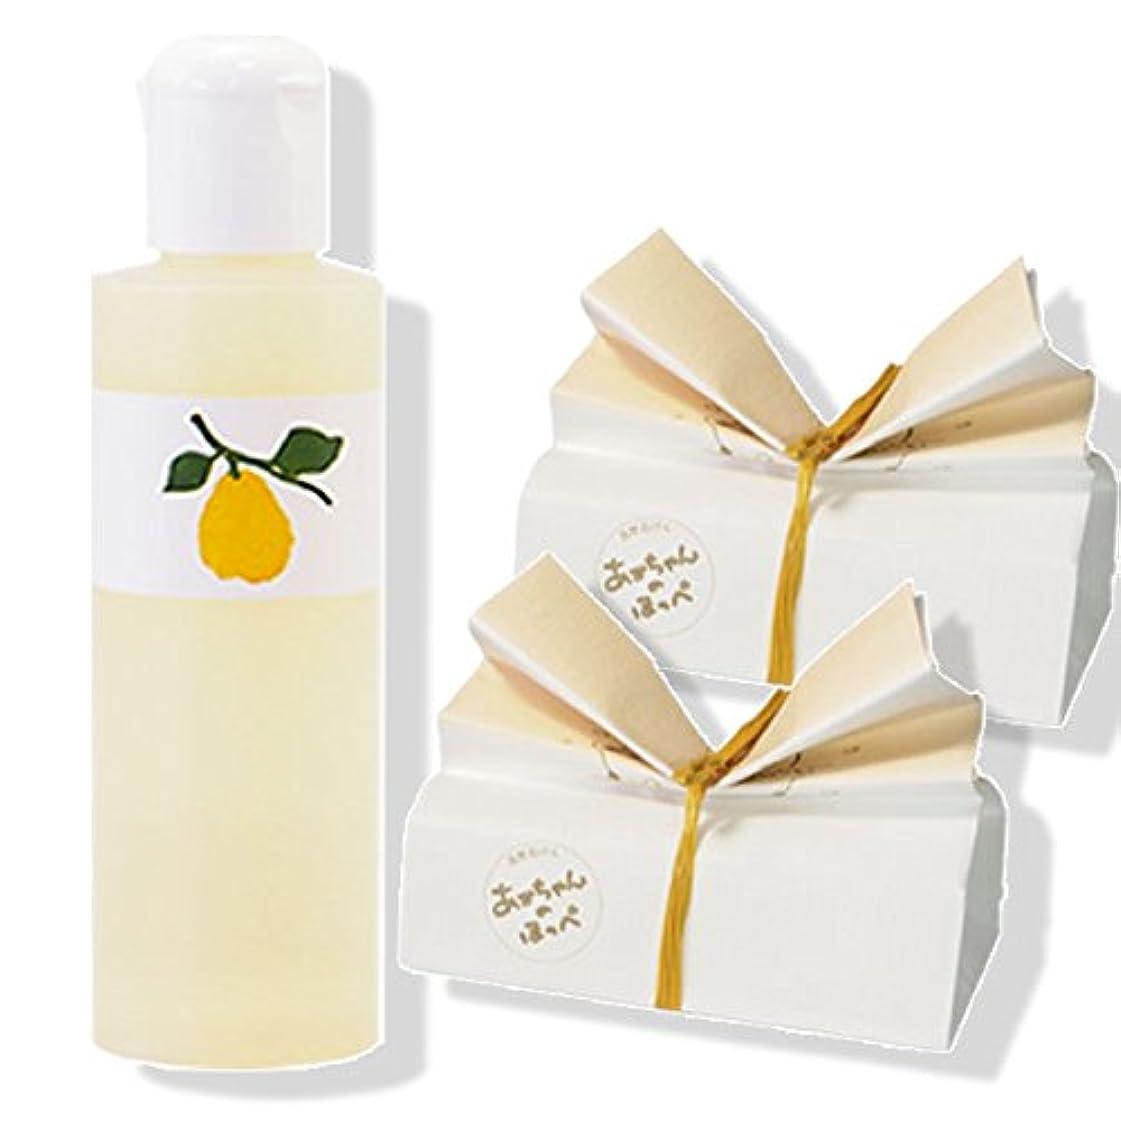 円形矛盾チケット「花梨の化粧水」1本 & 「あかちゃんのほっぺ」石鹸 2個セット